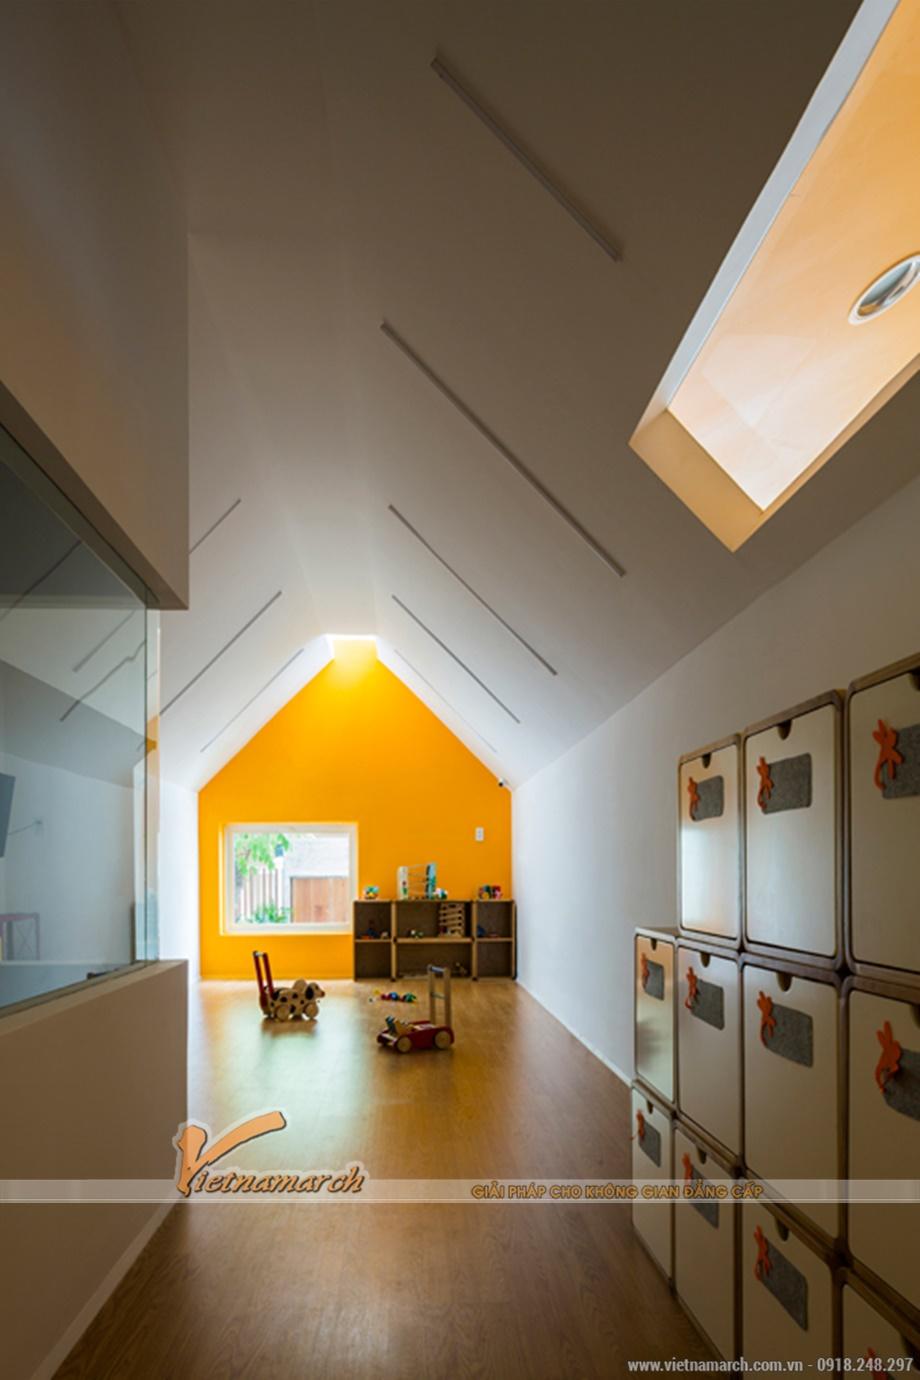 Kiến trúc hiện đại và thiết kế nội thất phá cách trong ngôi trường này chính là điều hấp dẫn các em nhỏ